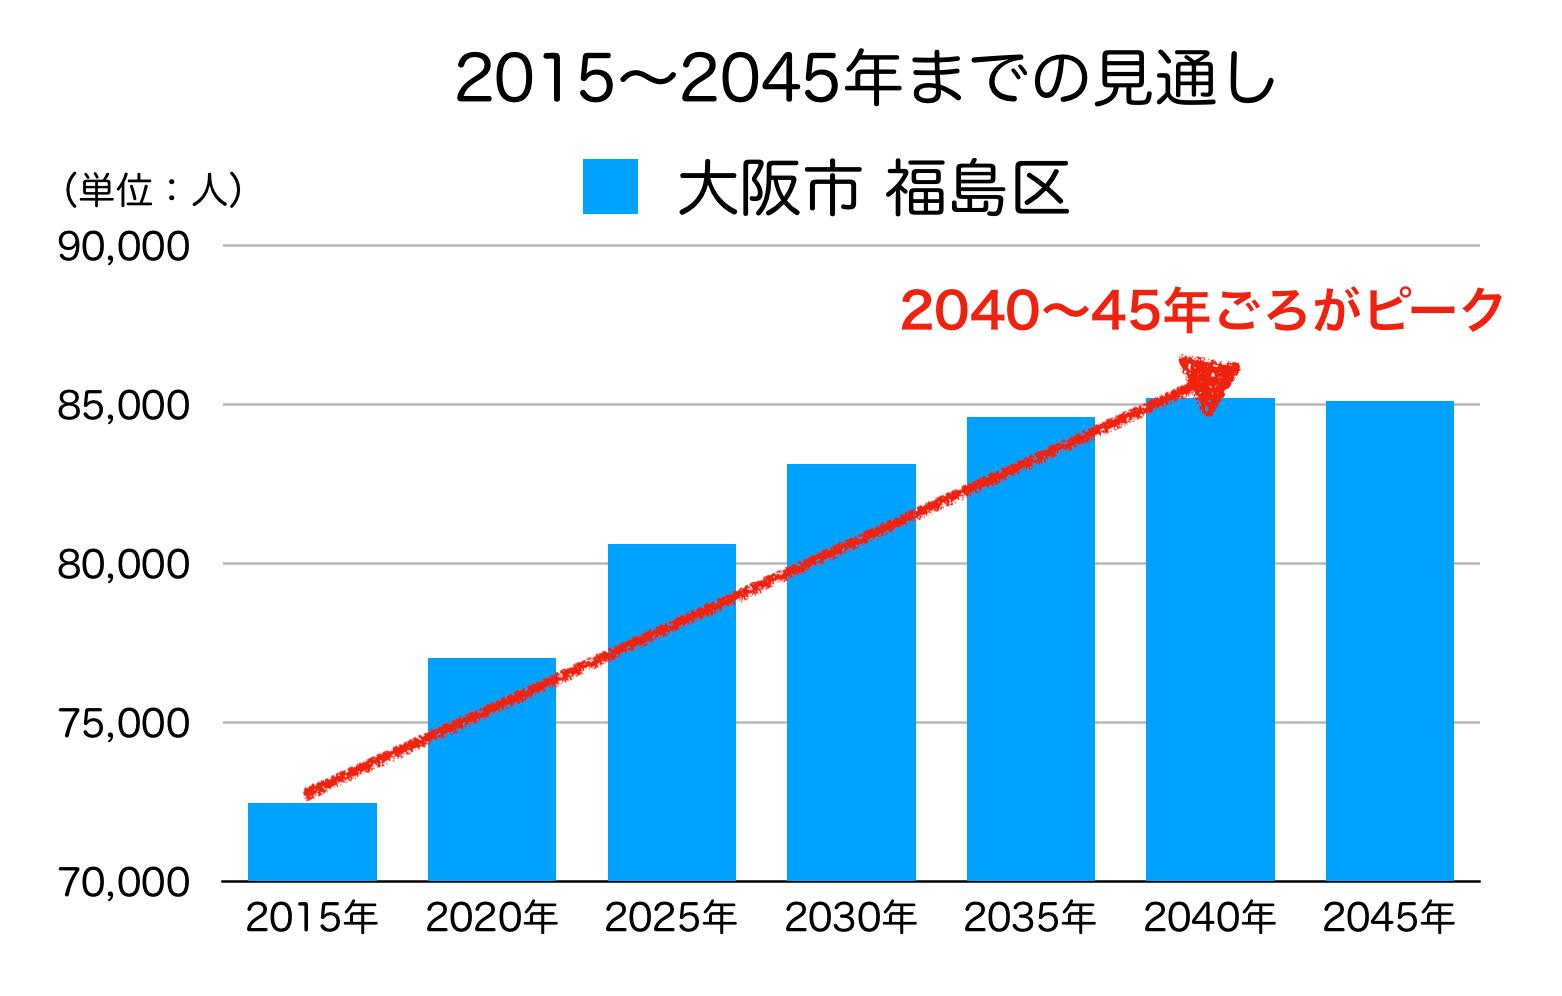 大阪市福島区の人口予測